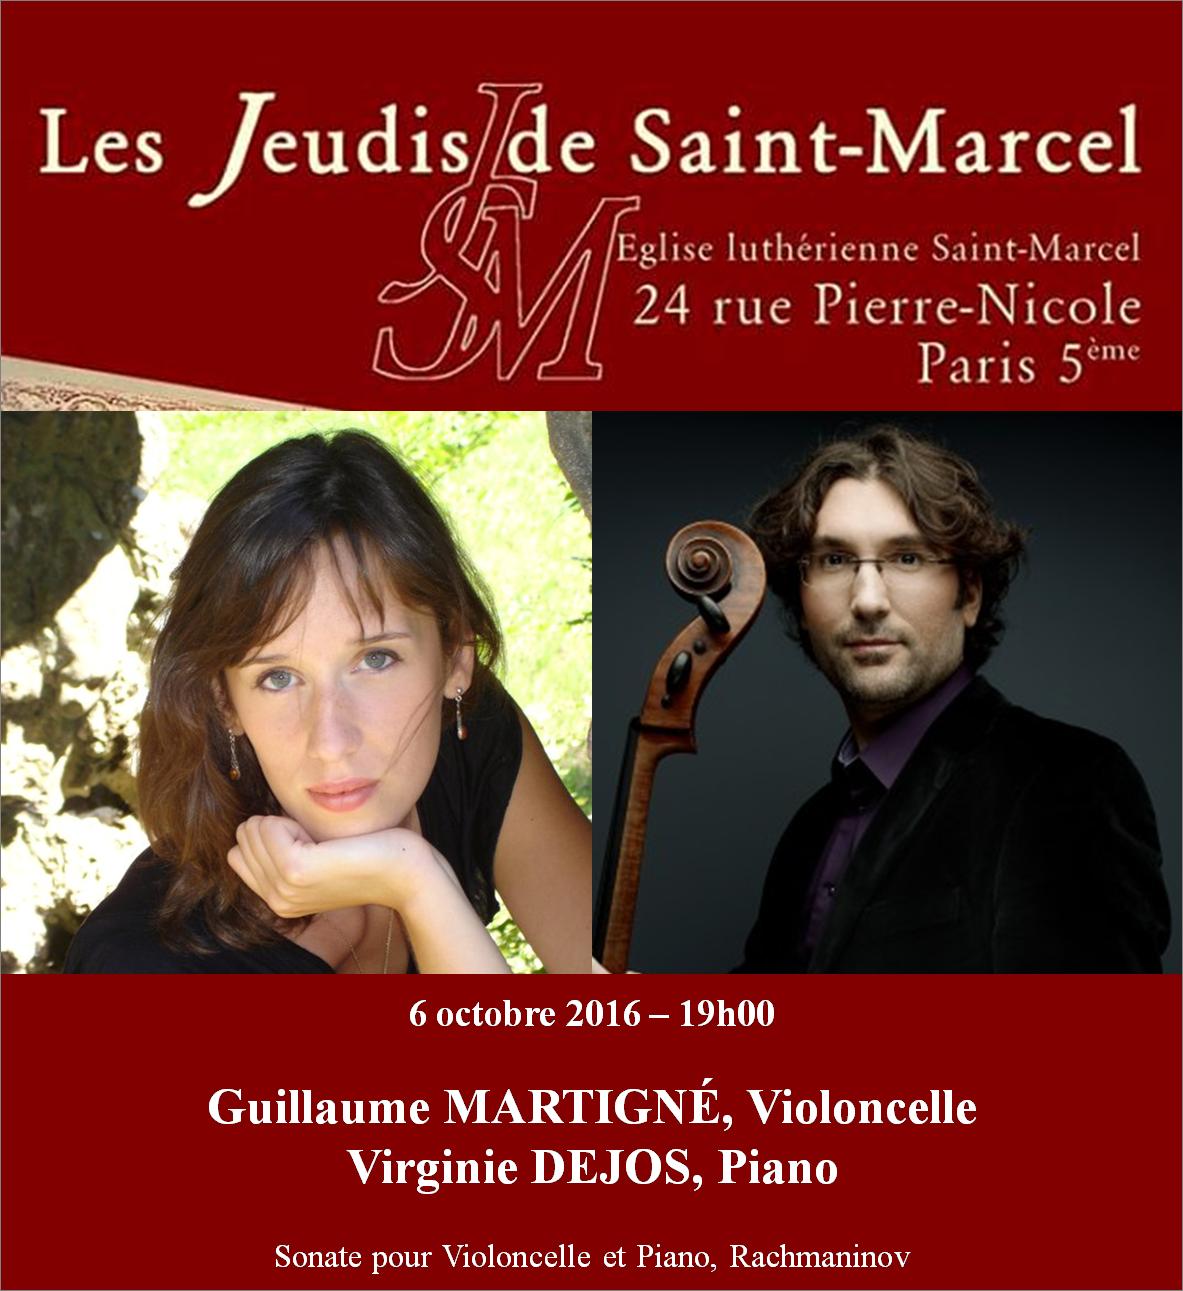 Violoncelliste Guillaume Martigné